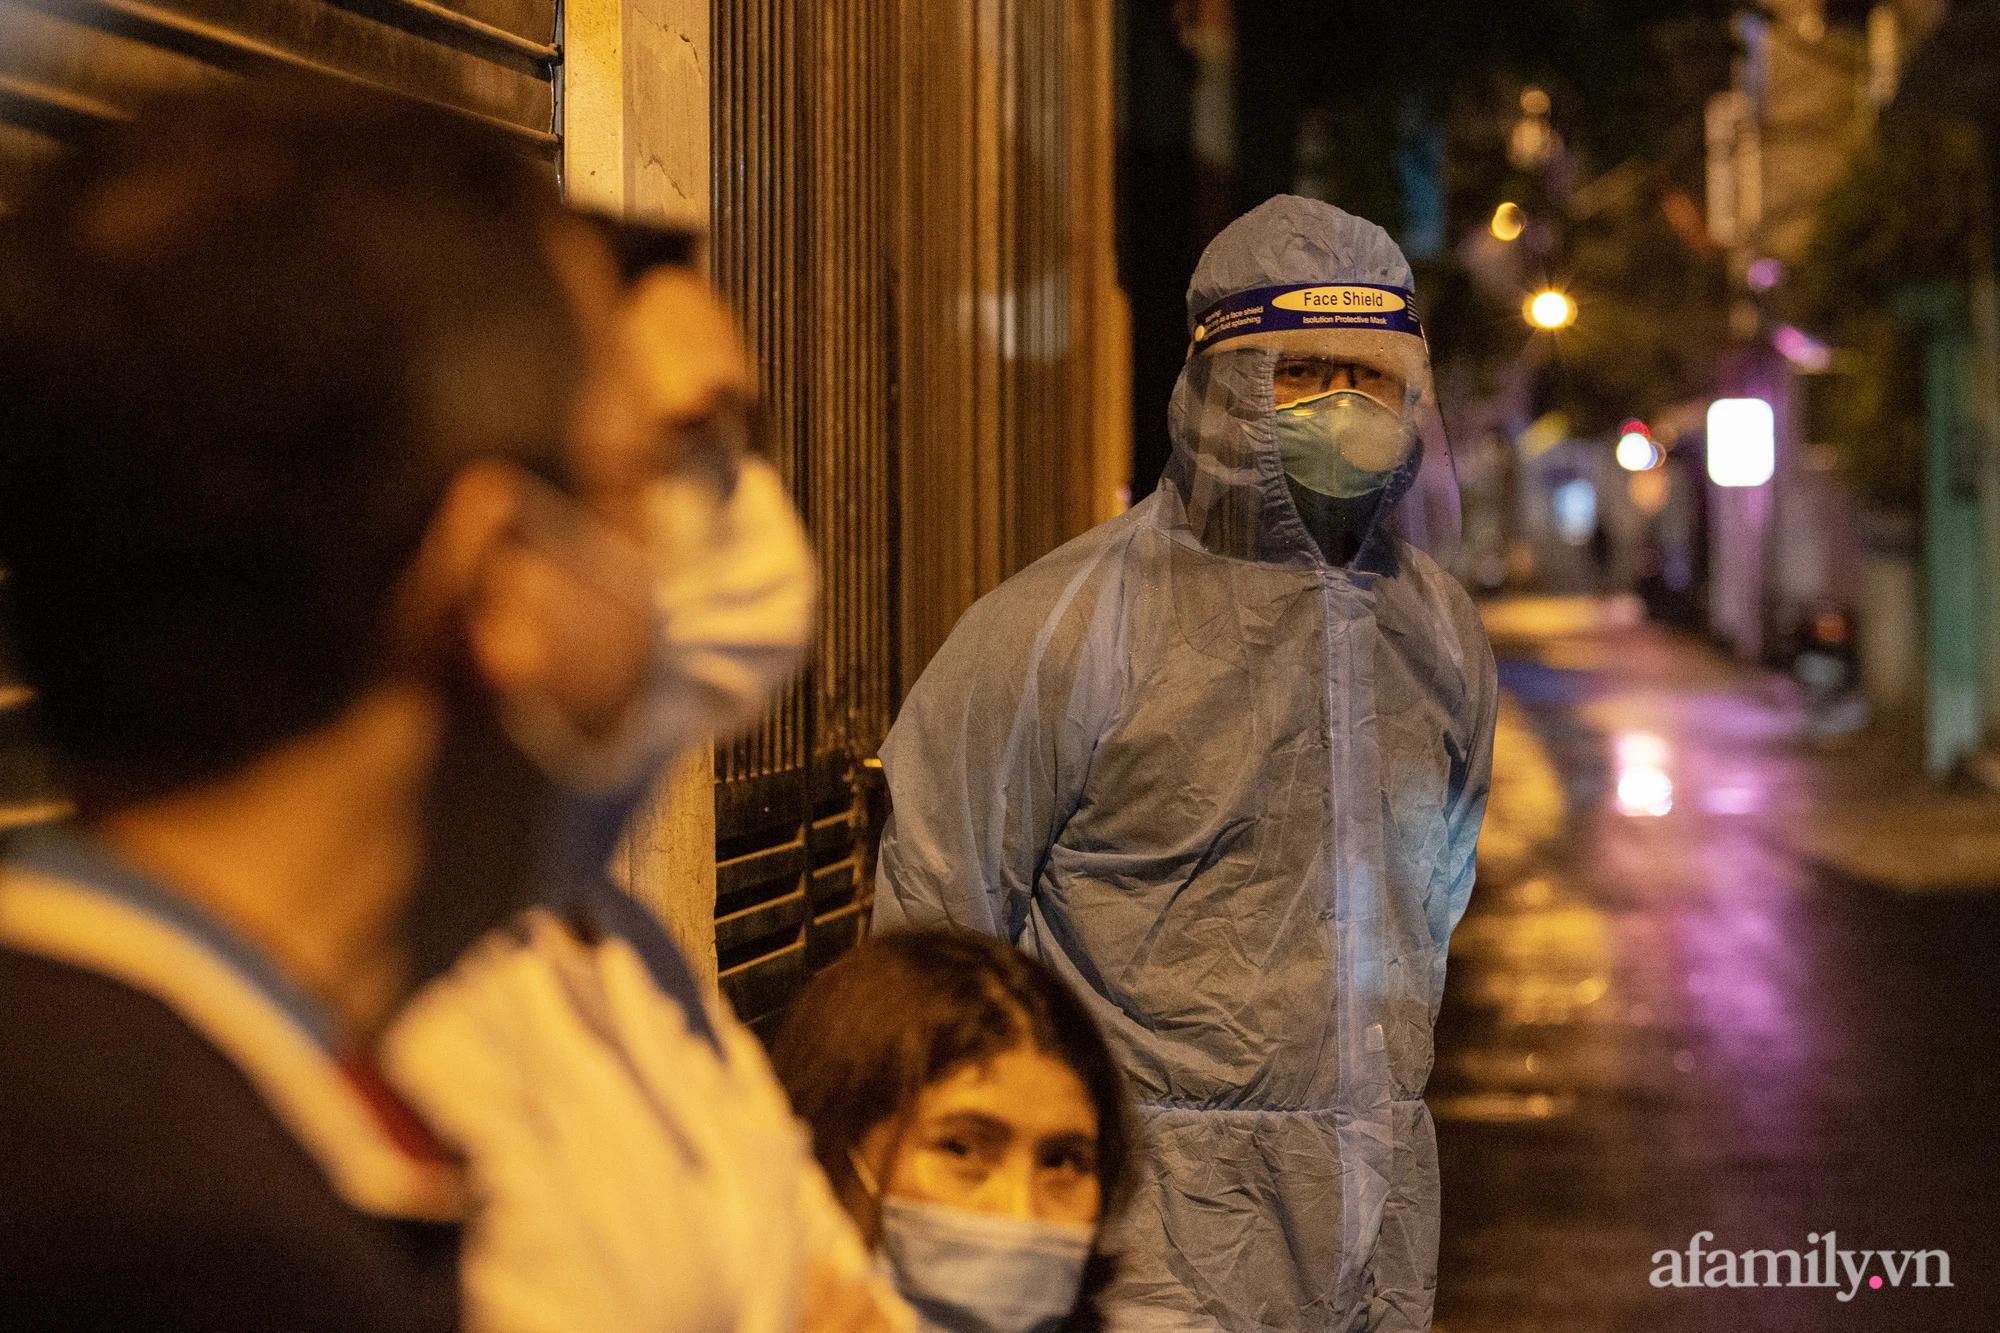 Hà Nội: Phong tỏa cửa hàng tạp hóa trong ngõ 79 đường Cầu Giấy, khẩn trương lấy mẫu xét nghiệm, truy vết trong đêm - Ảnh 8.